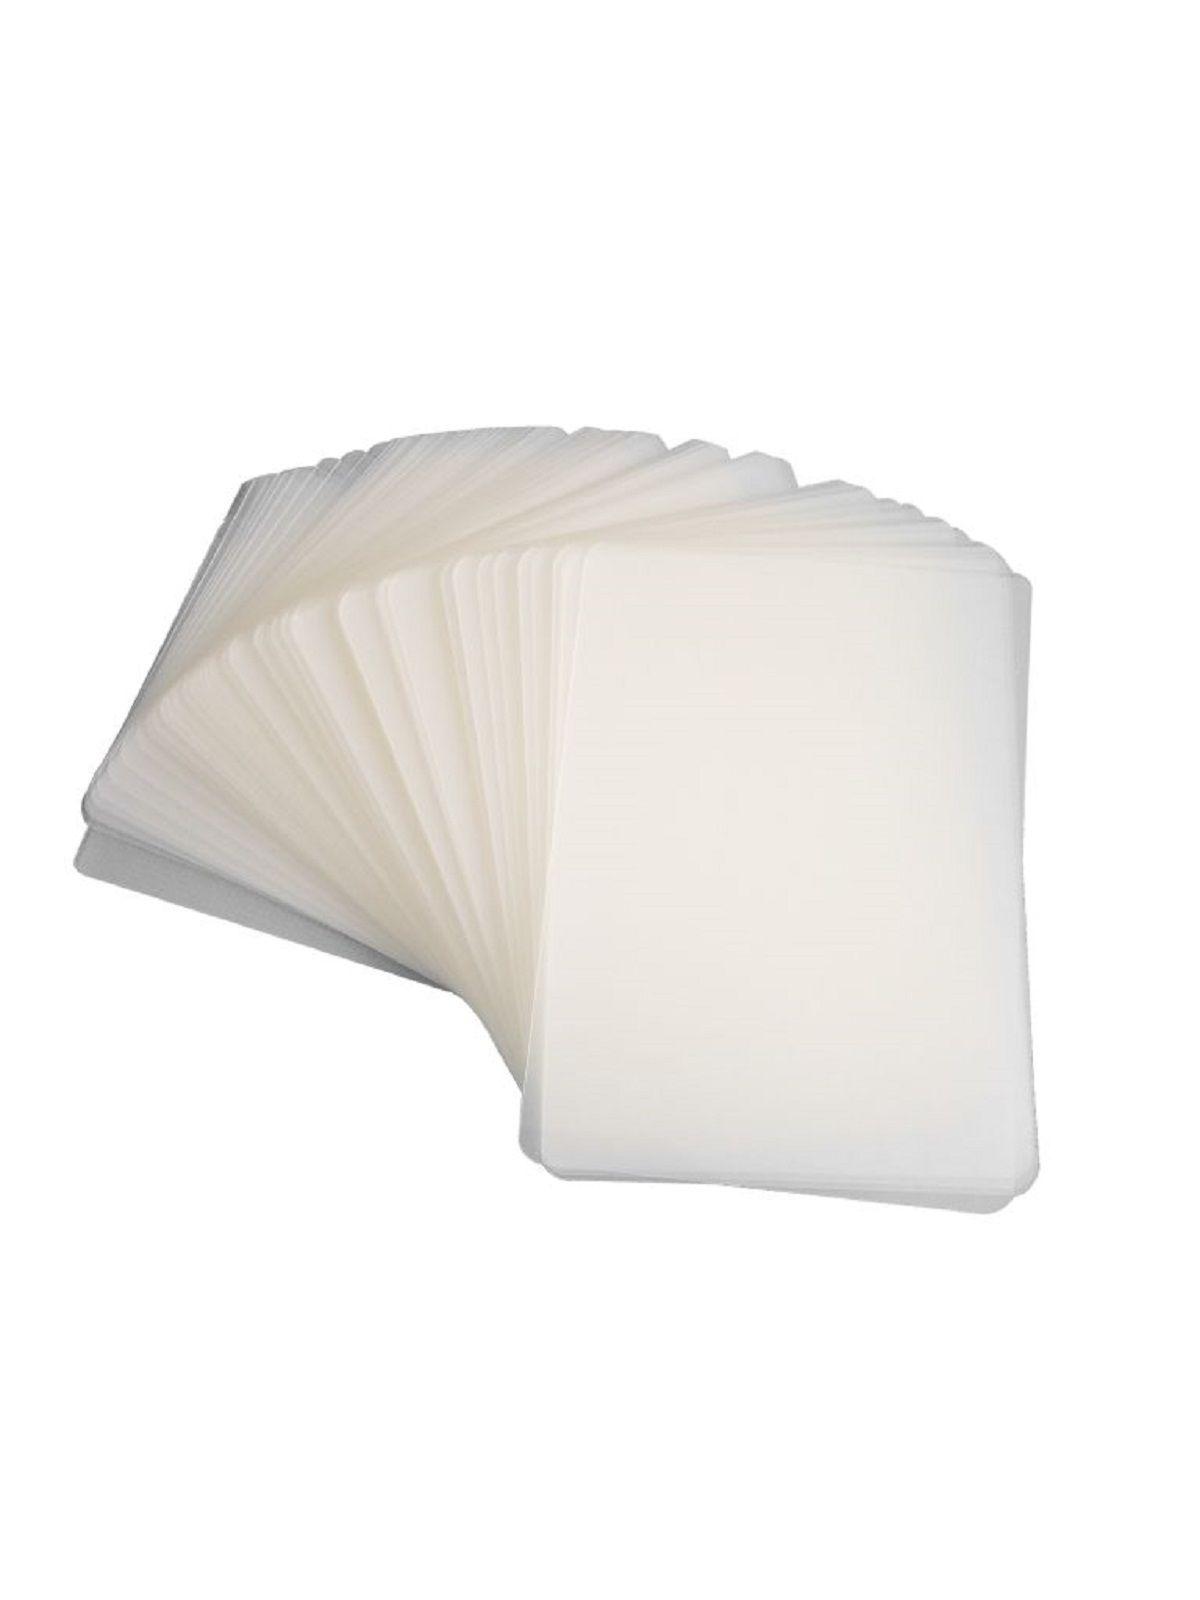 Polaseal para Plastificação CNPJ 121x191x0,05mm (125 micras) - Pacote com 100 unidades  - Click Suprimentos